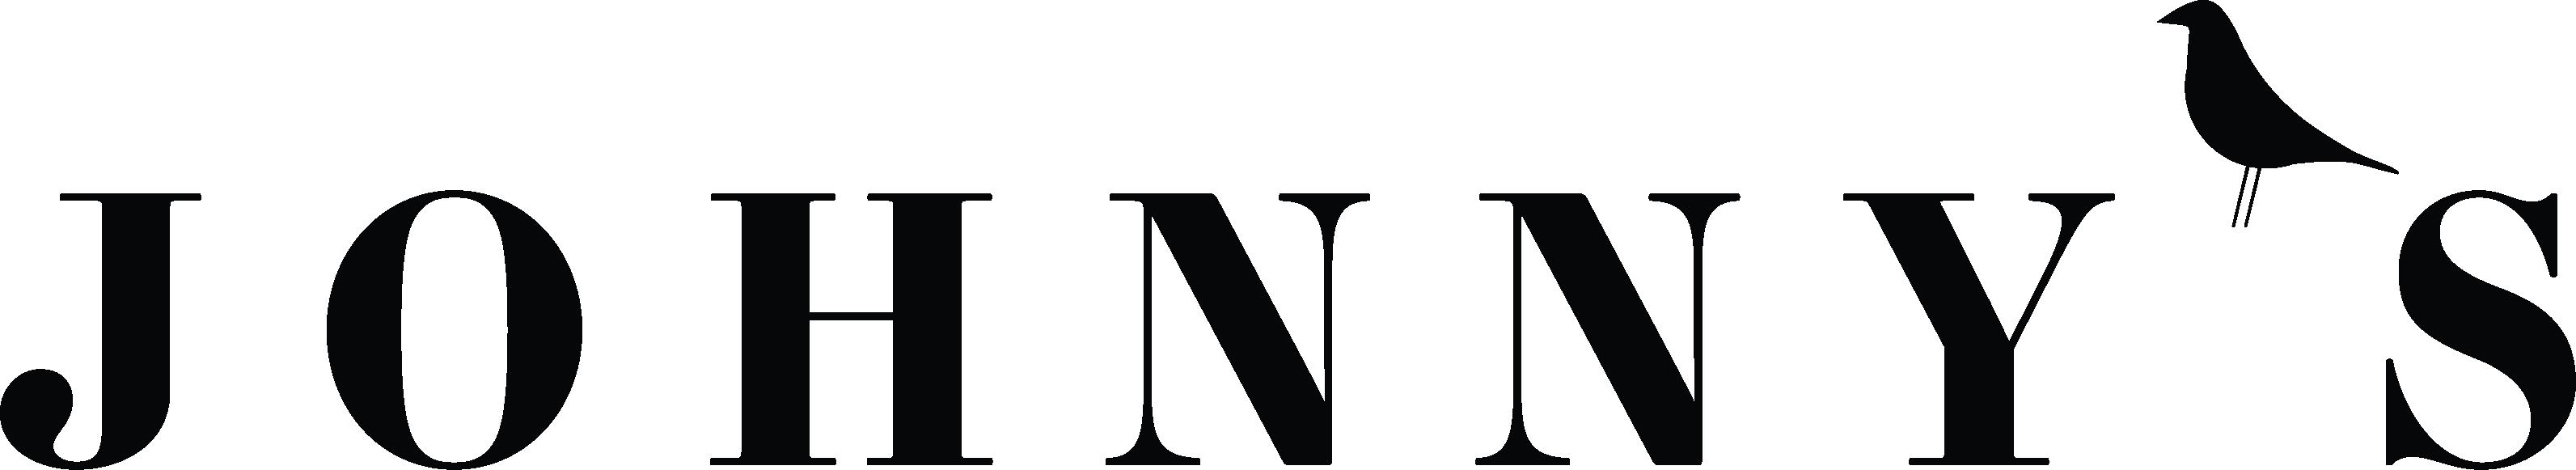 Logo: Johnny's